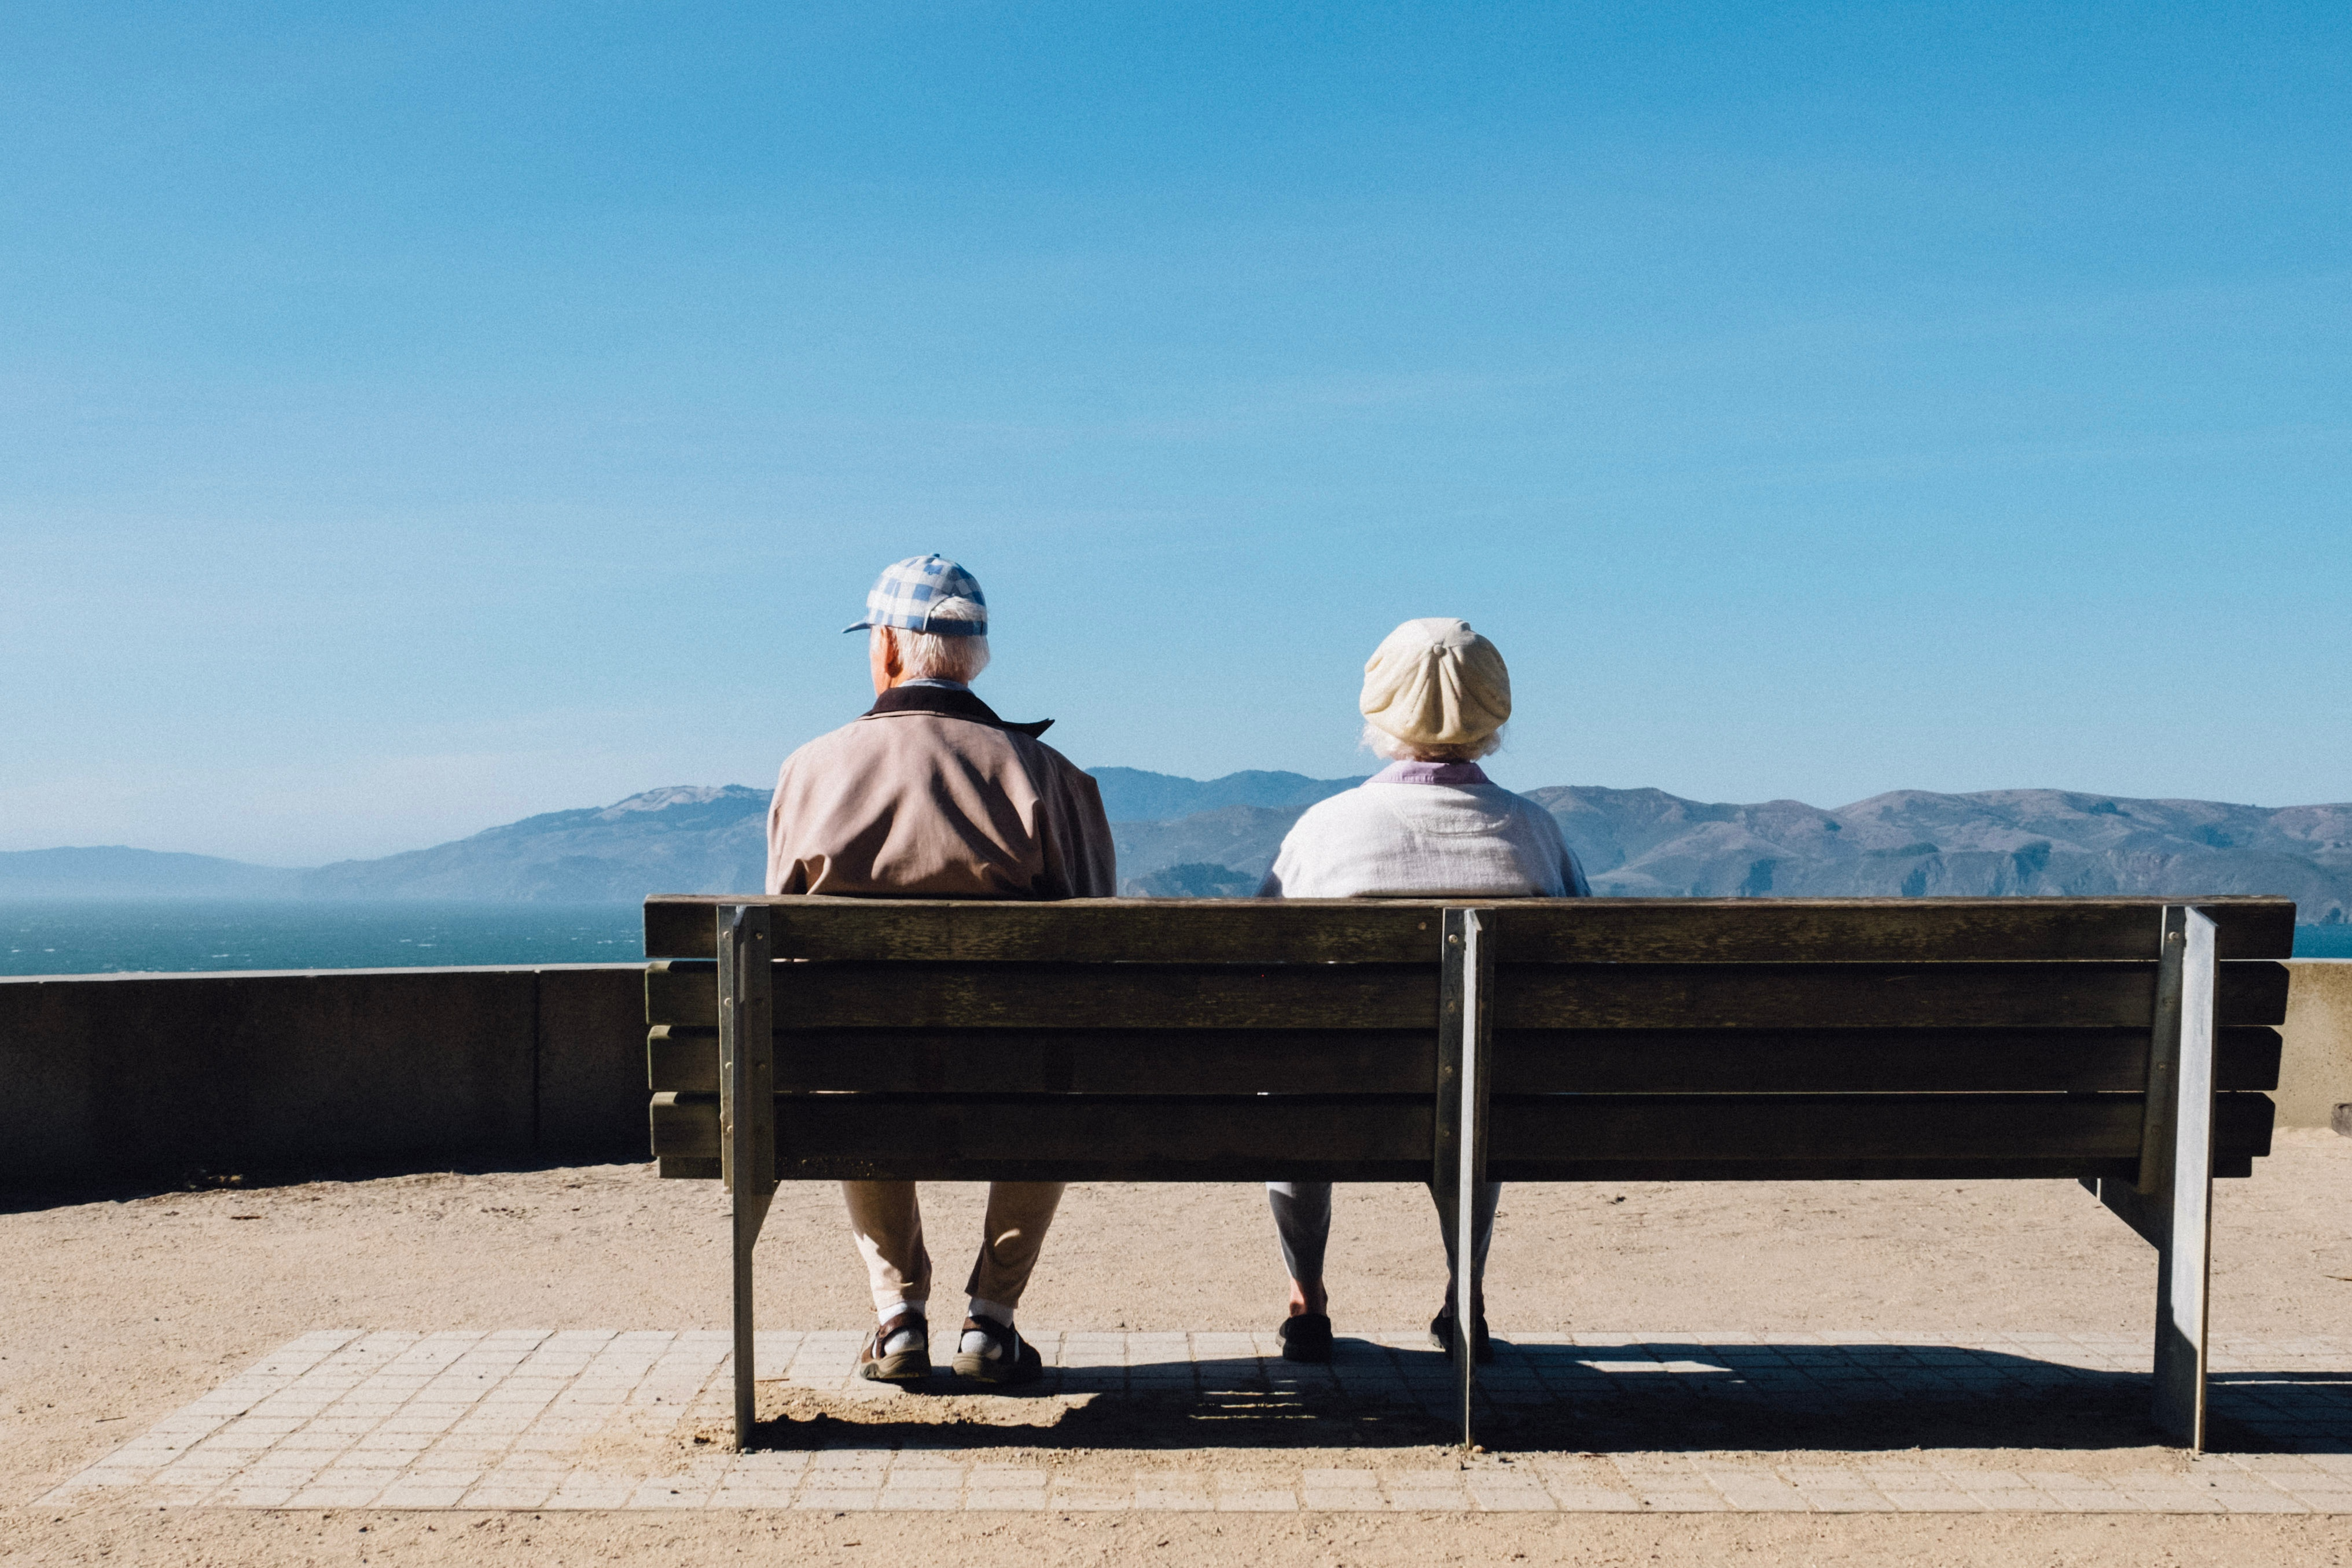 WeltSparen-Studie zur Altersvorsorge:  Die Hälfte der Deutschen sorgt nicht für ihr Alter vor